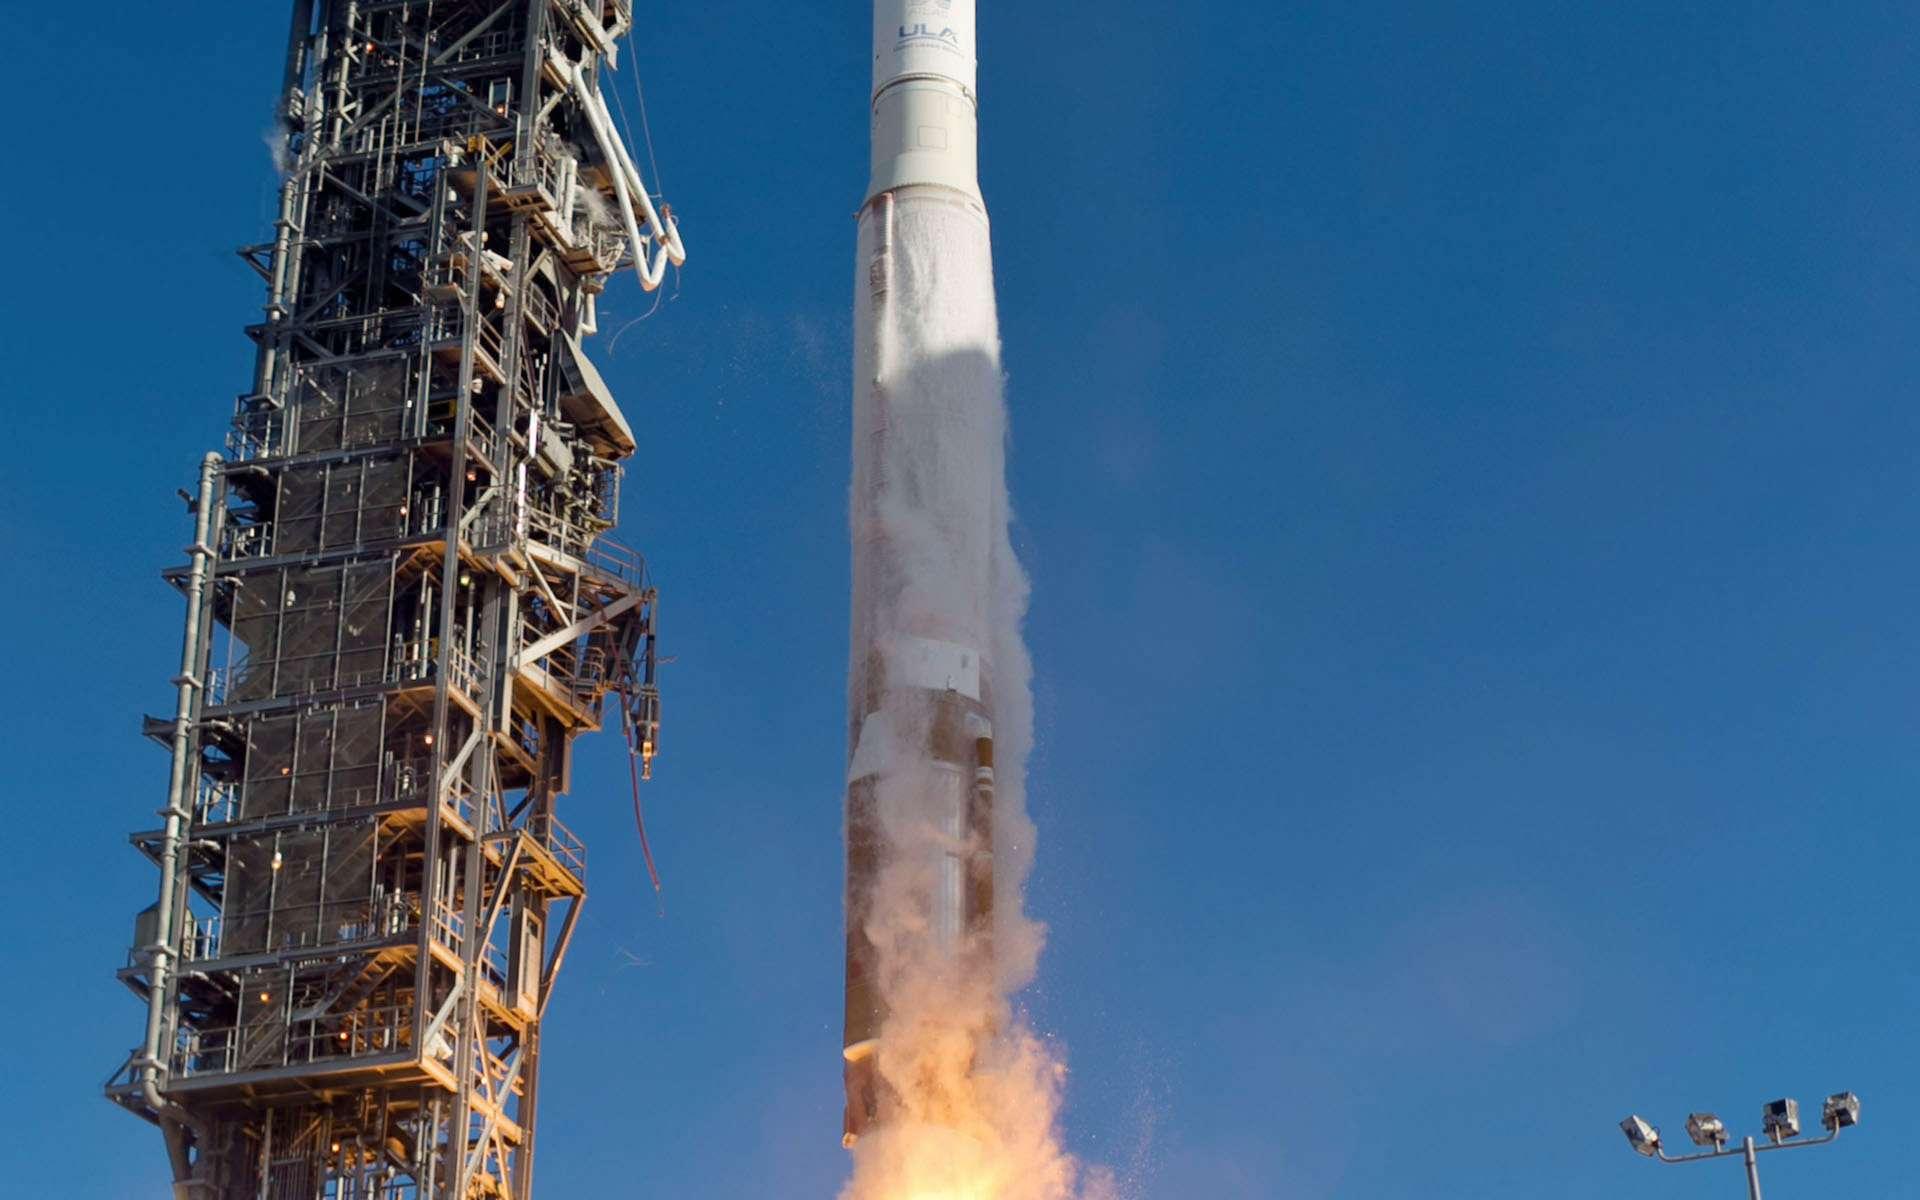 Décollage du satellite Landsat 8. Une mission qui concerne, à plus d'un titre, les sept milliards d'humains qui peuplent la Terre. © United Launch Alliance